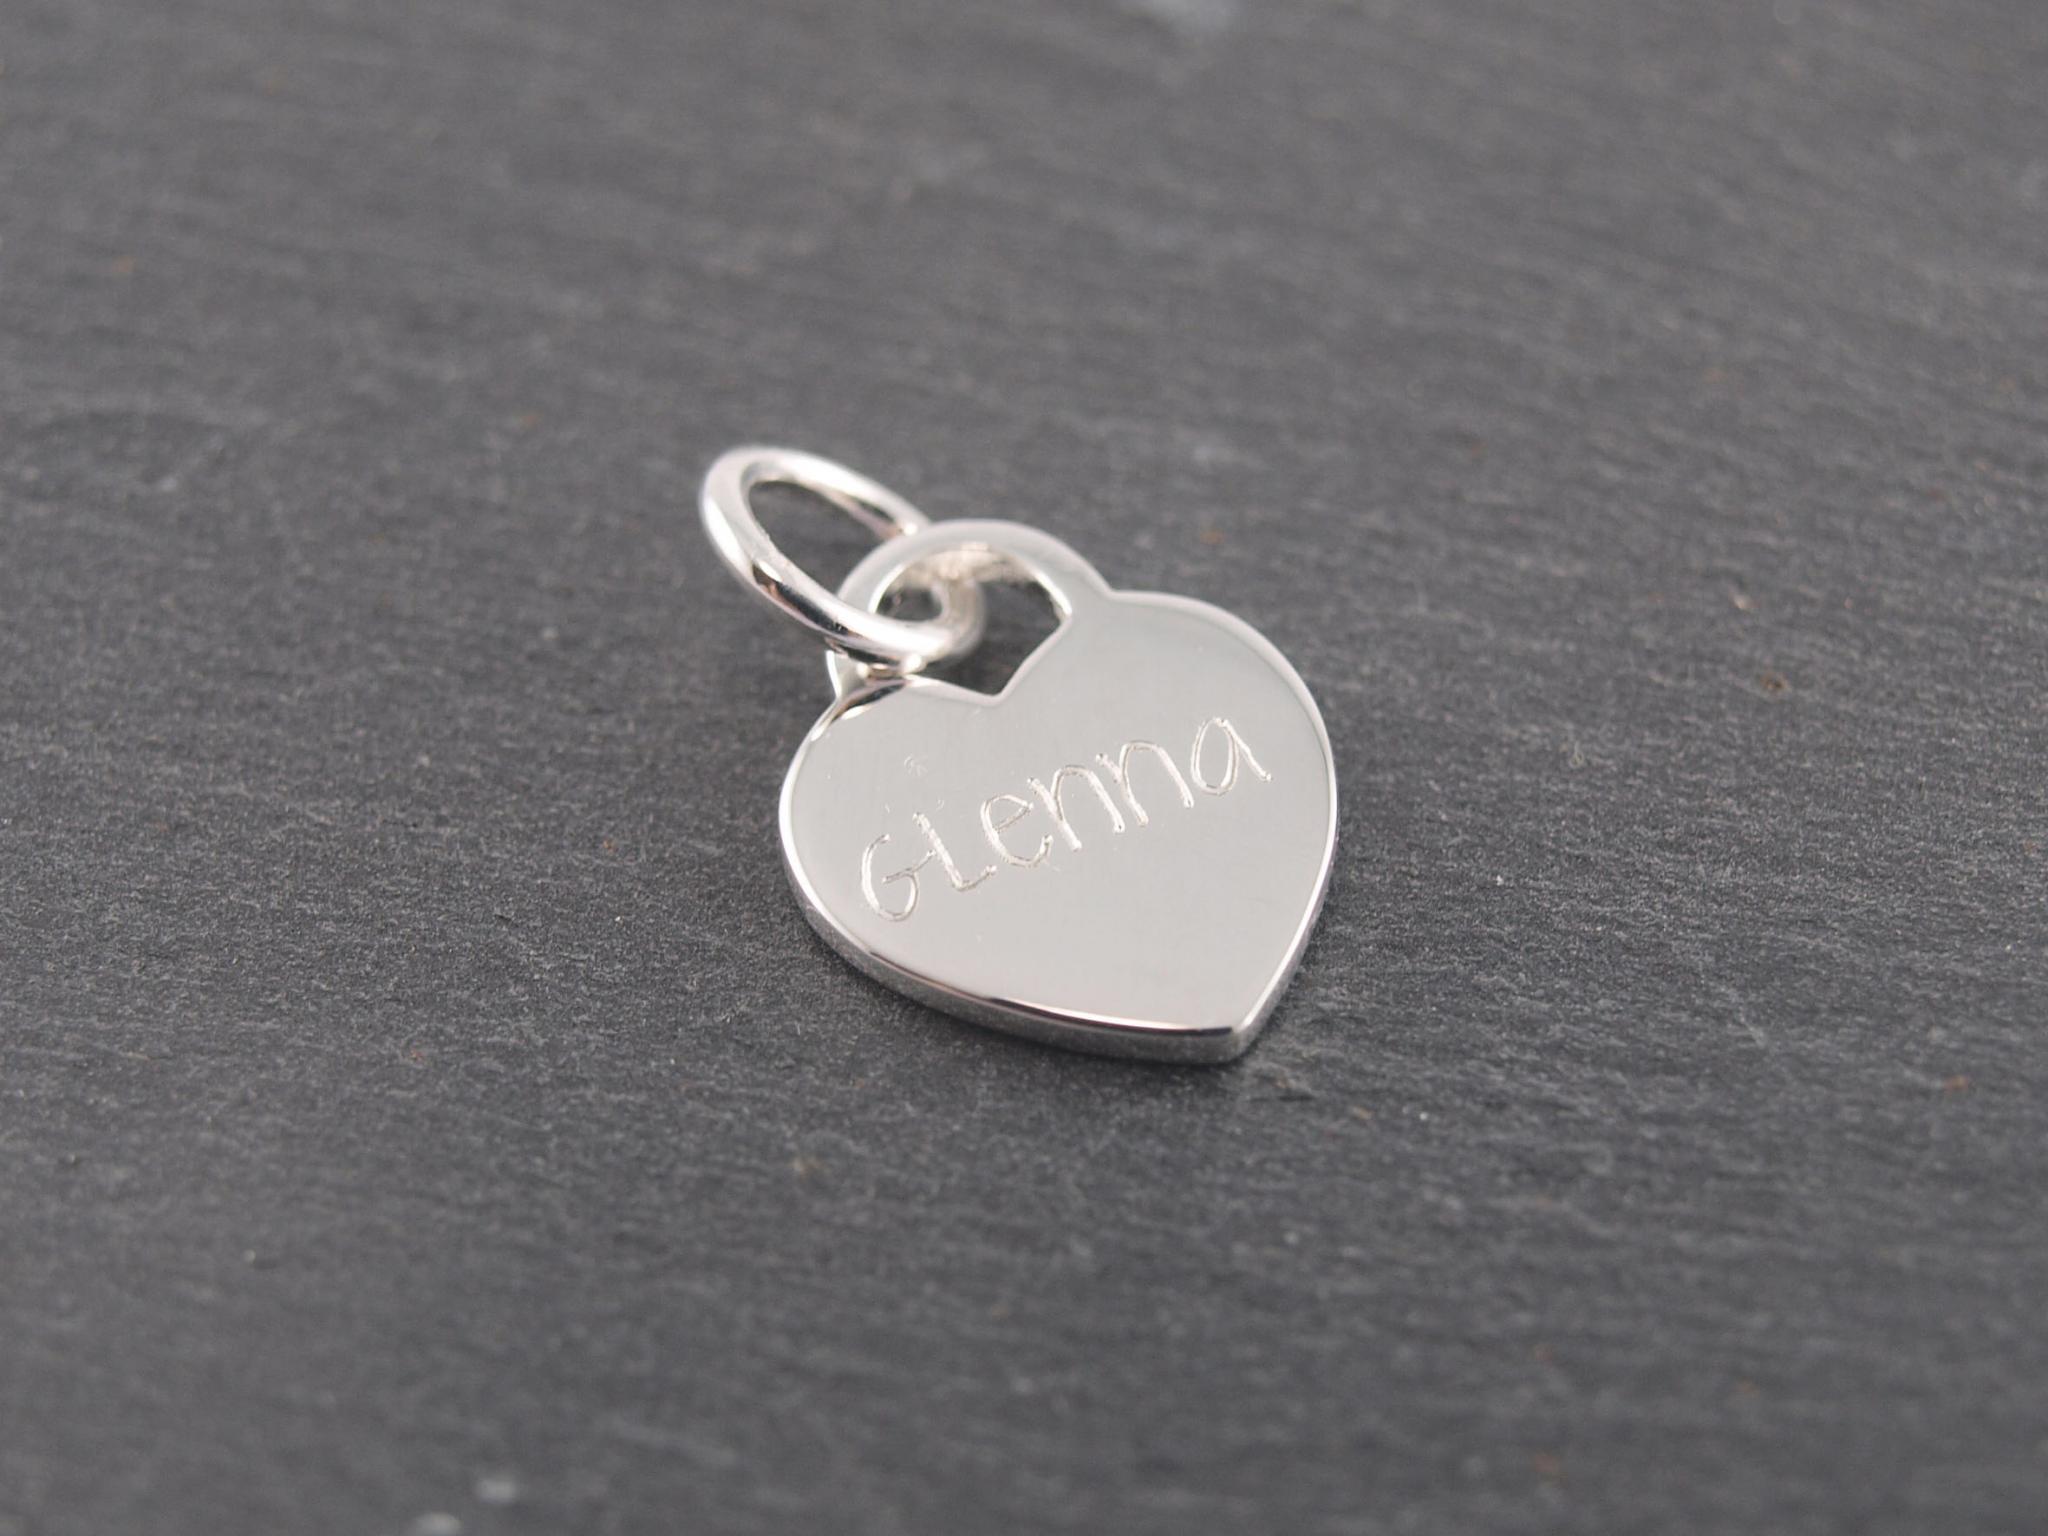 Gravuranhänger aus Silber mit Wunsch Gravur Herz 12 mm (2)